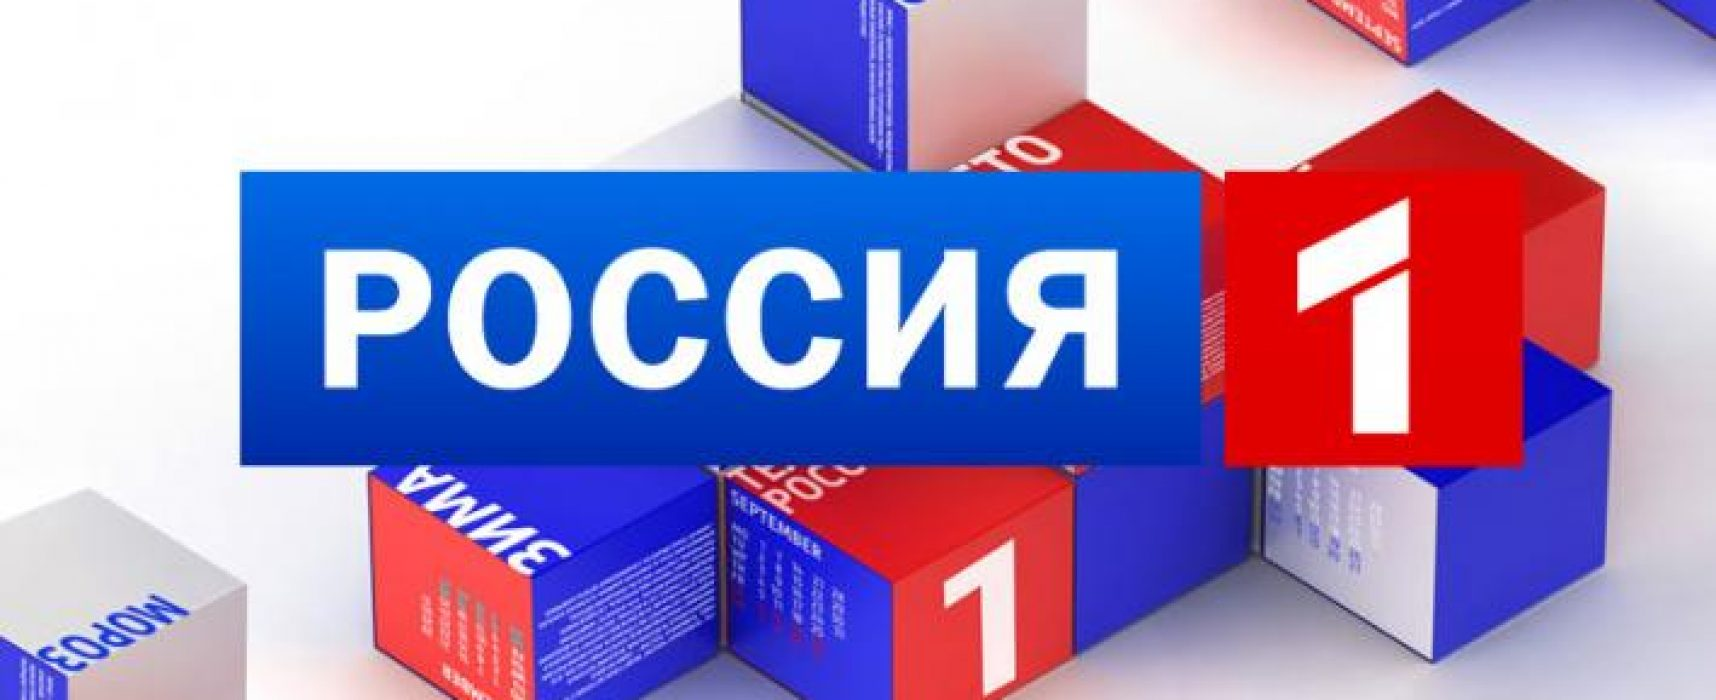 Руски тв канал по своему интерпретира песента на Джамала